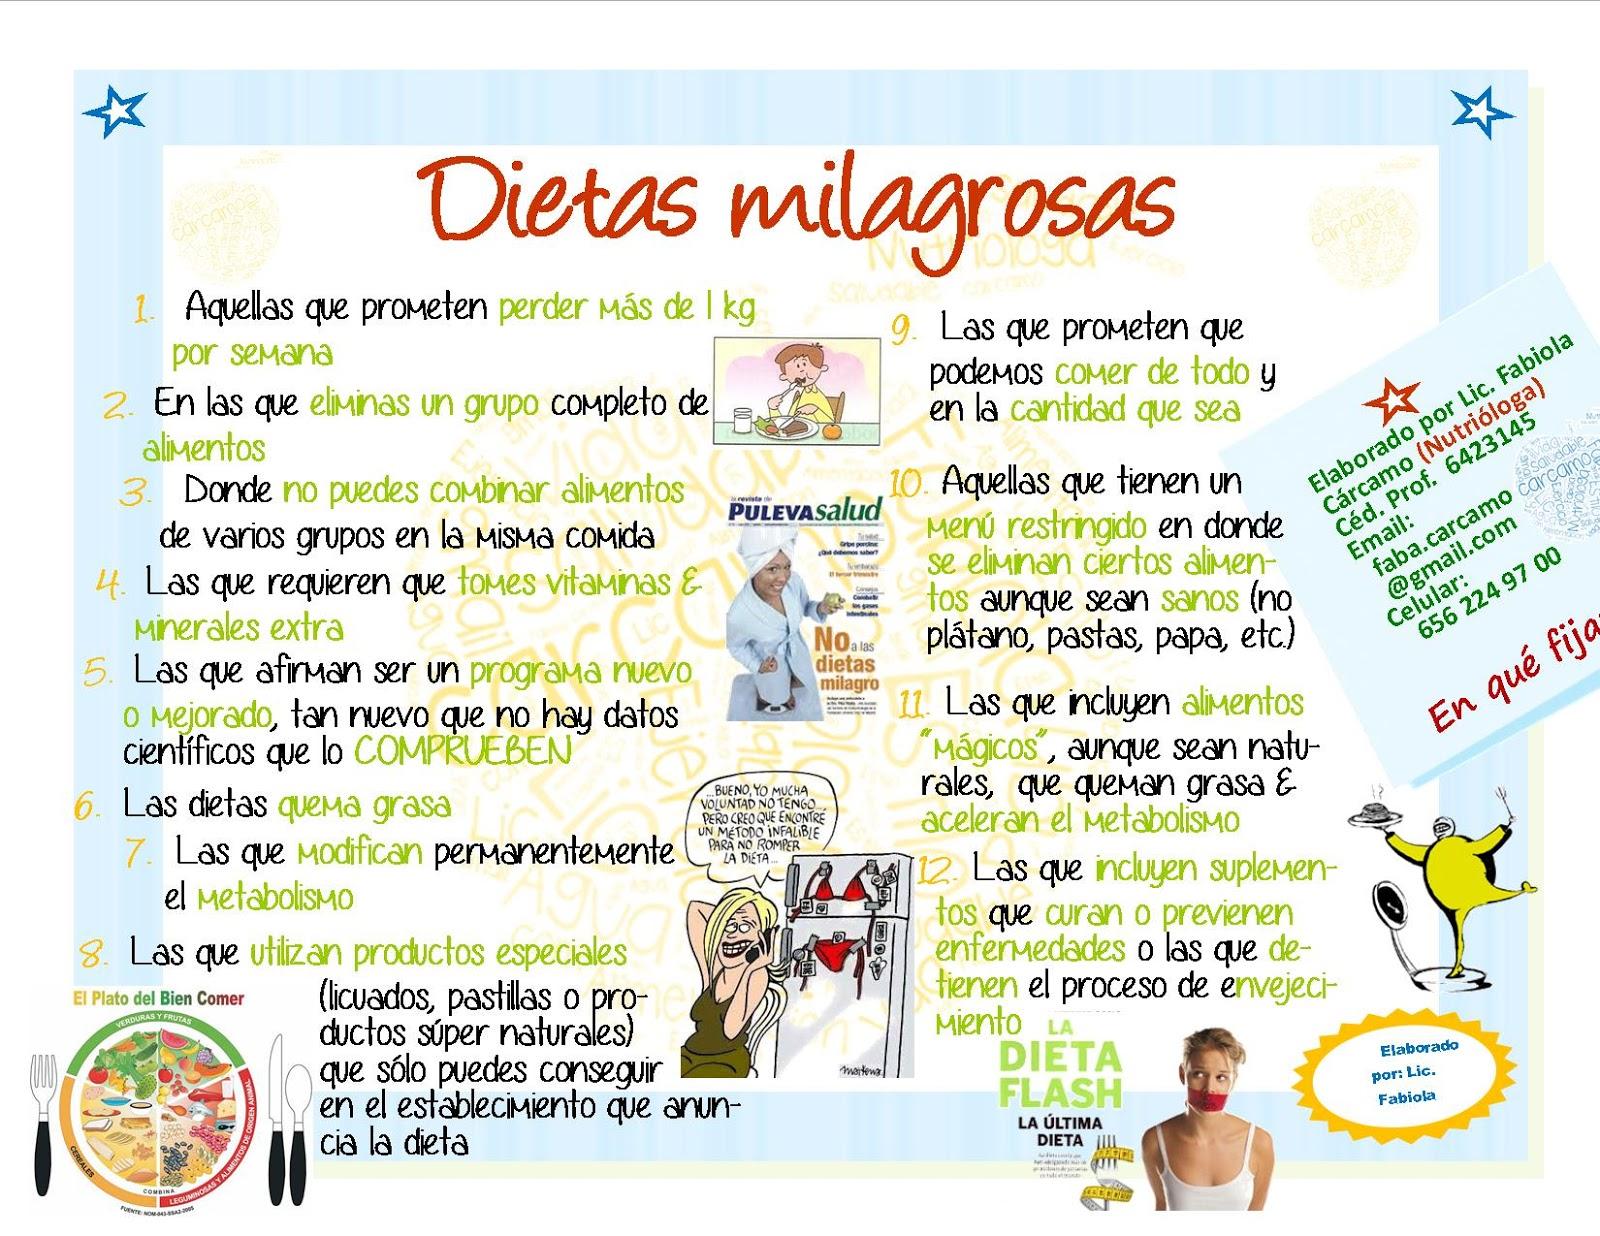 Dietas para bajar de peso por nutriologos